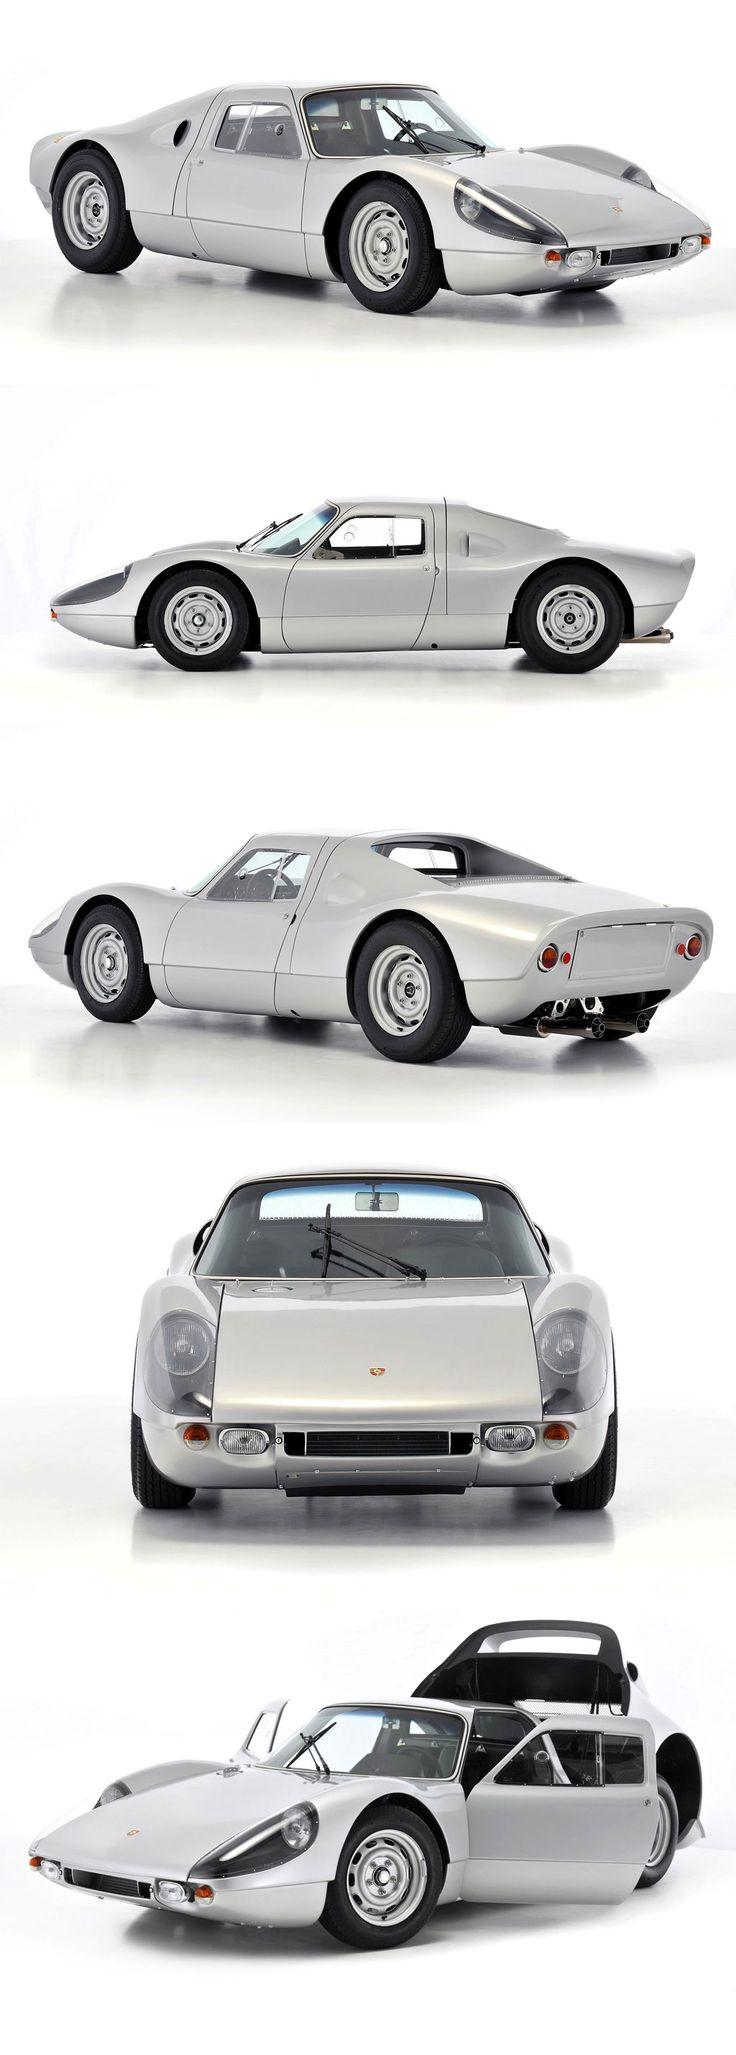 1964-65 Porsche 904 Carrera GTS http://www.carbodydesign.com/2013/07/porsche-cayman-design-video/